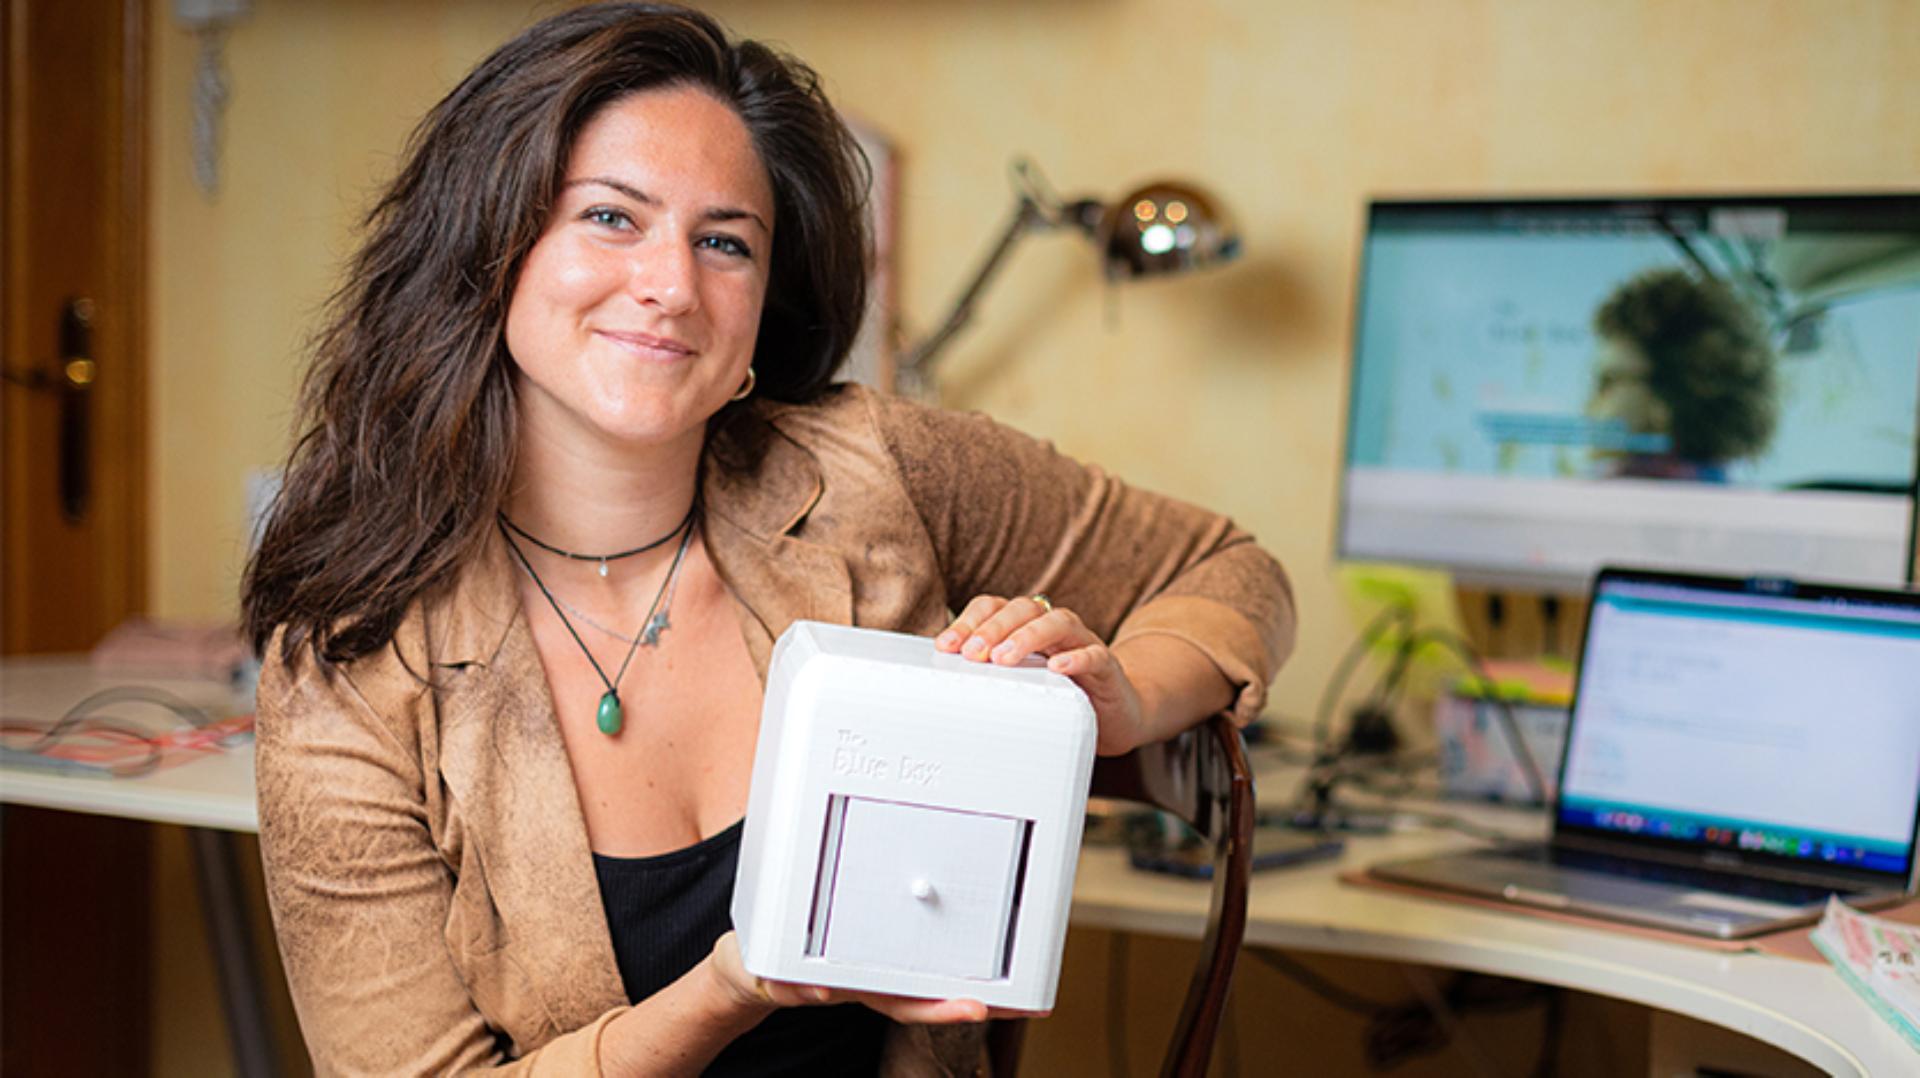 Judit Giro Benet holding her 'Blue Box' entry